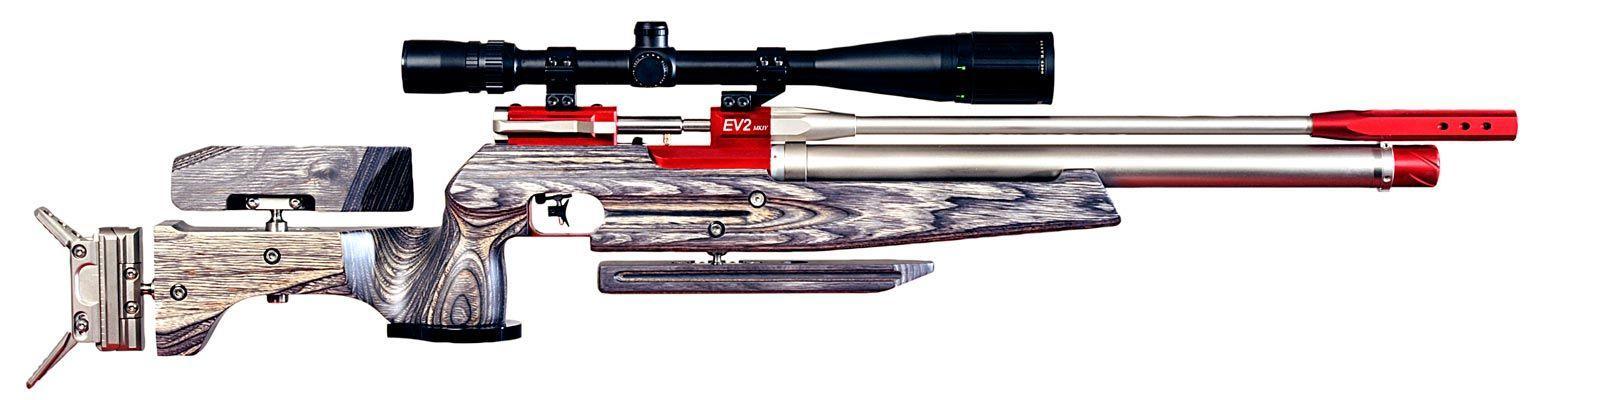 EV2 MK5 Air rifle